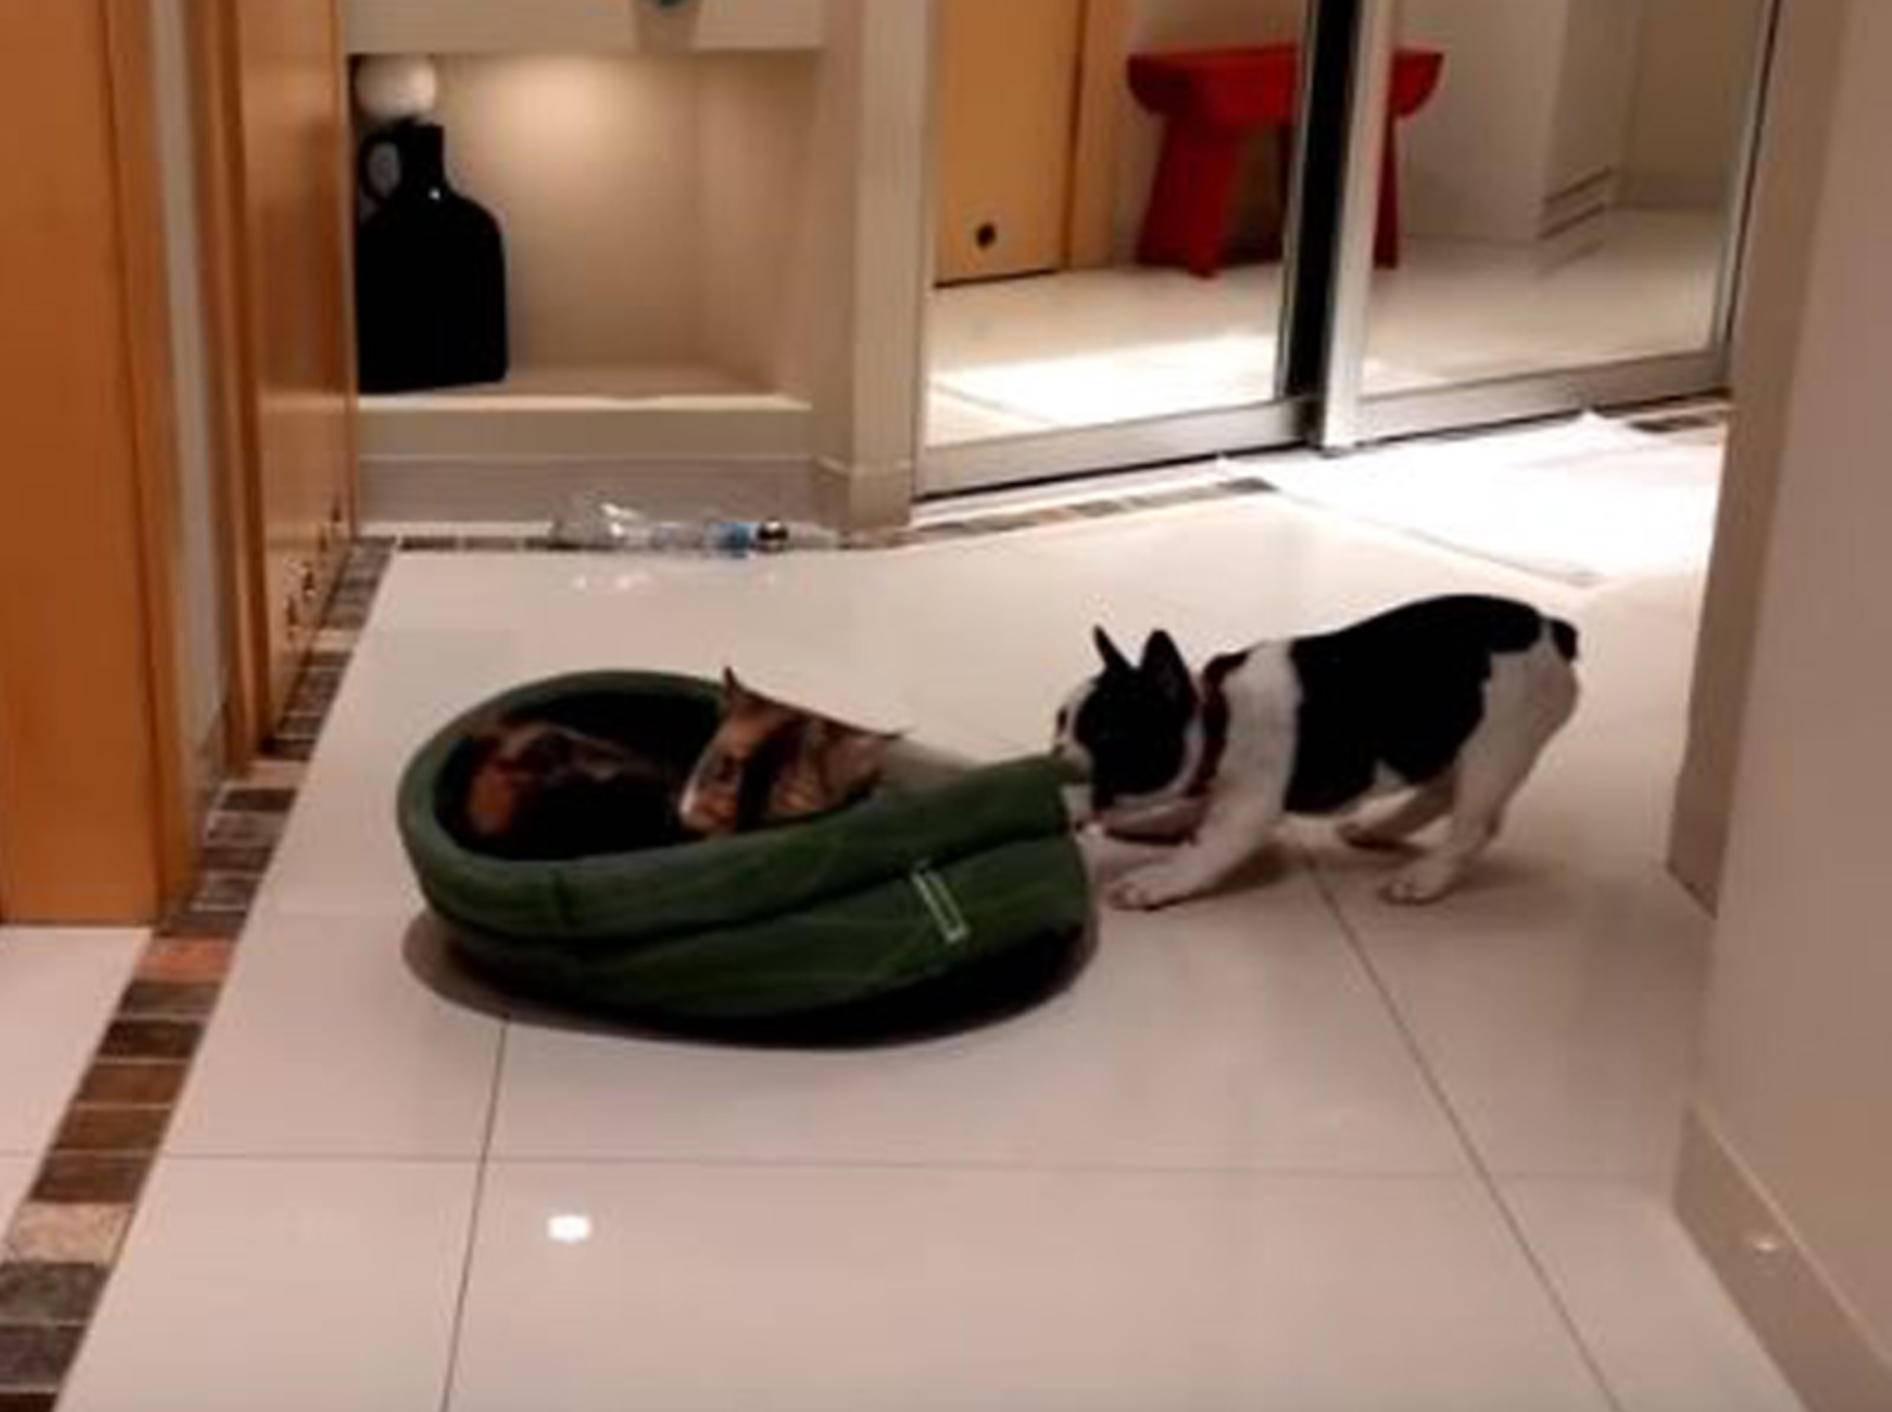 Dieser Hund versucht, sein Bett zurückzuerobern - Bild: YouTube / Rumble Viral